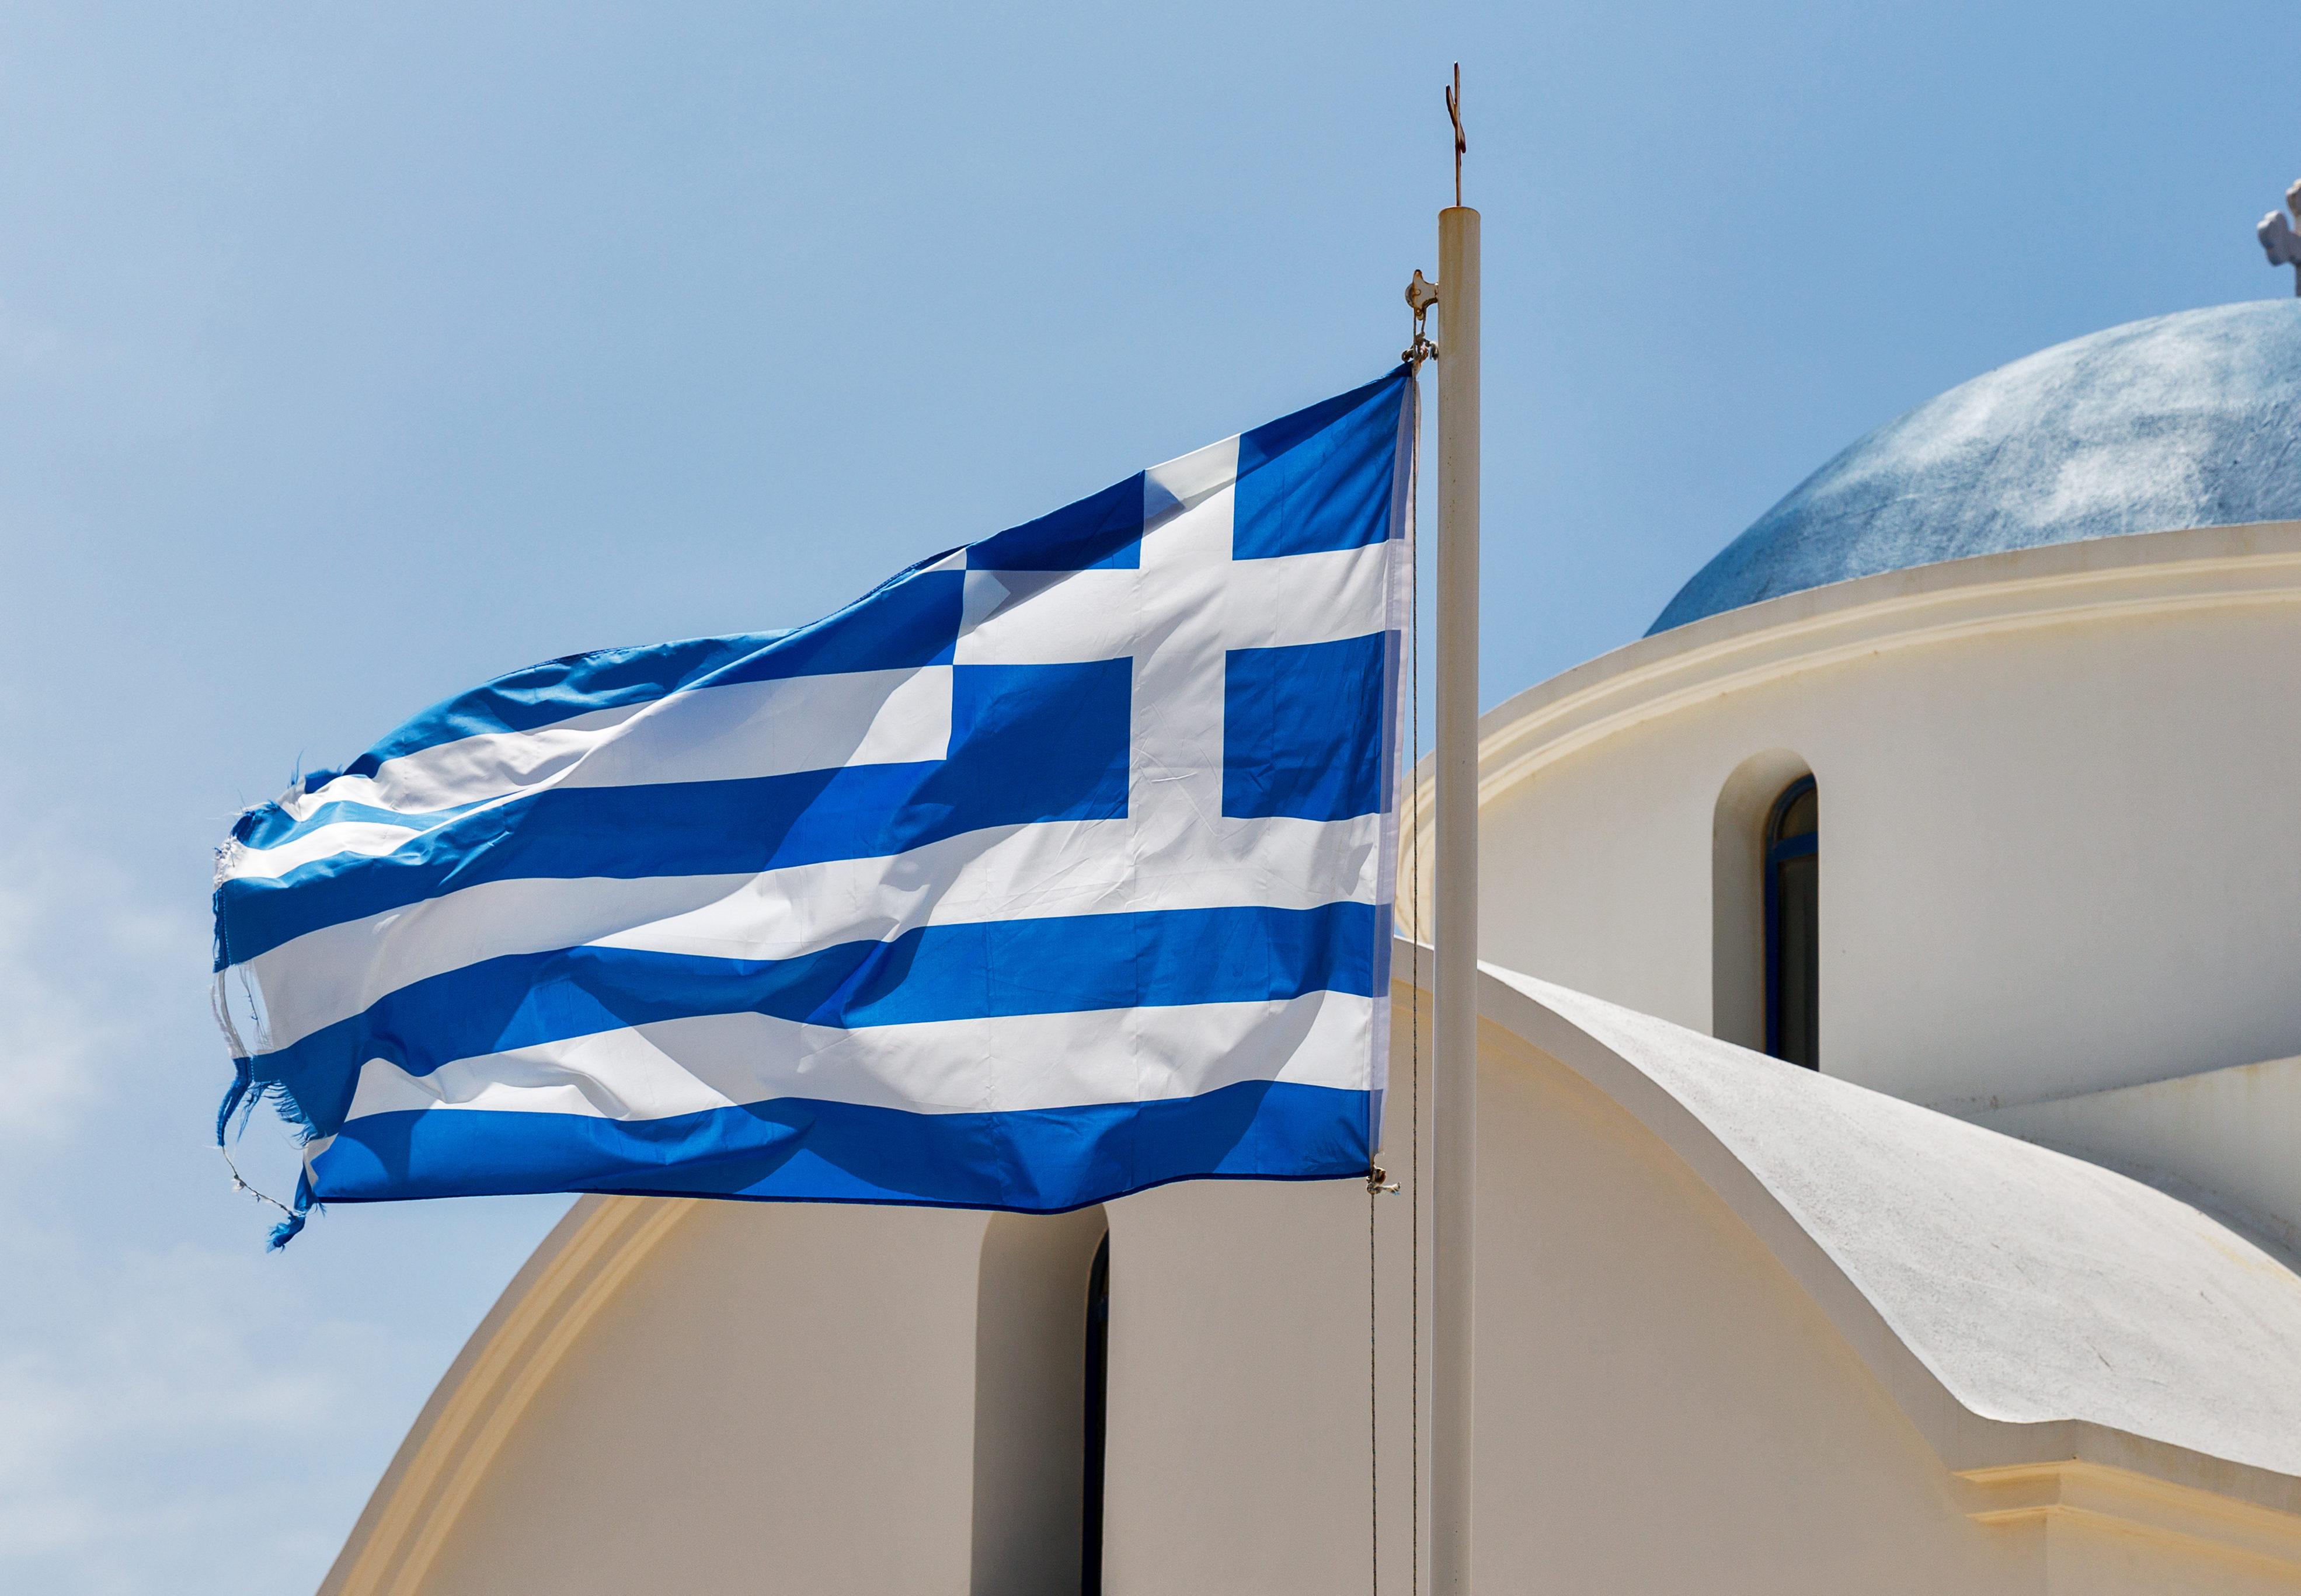 Griechisch-orthodoxe Kirche mit Nationalflagge in Paphos, Zypern.